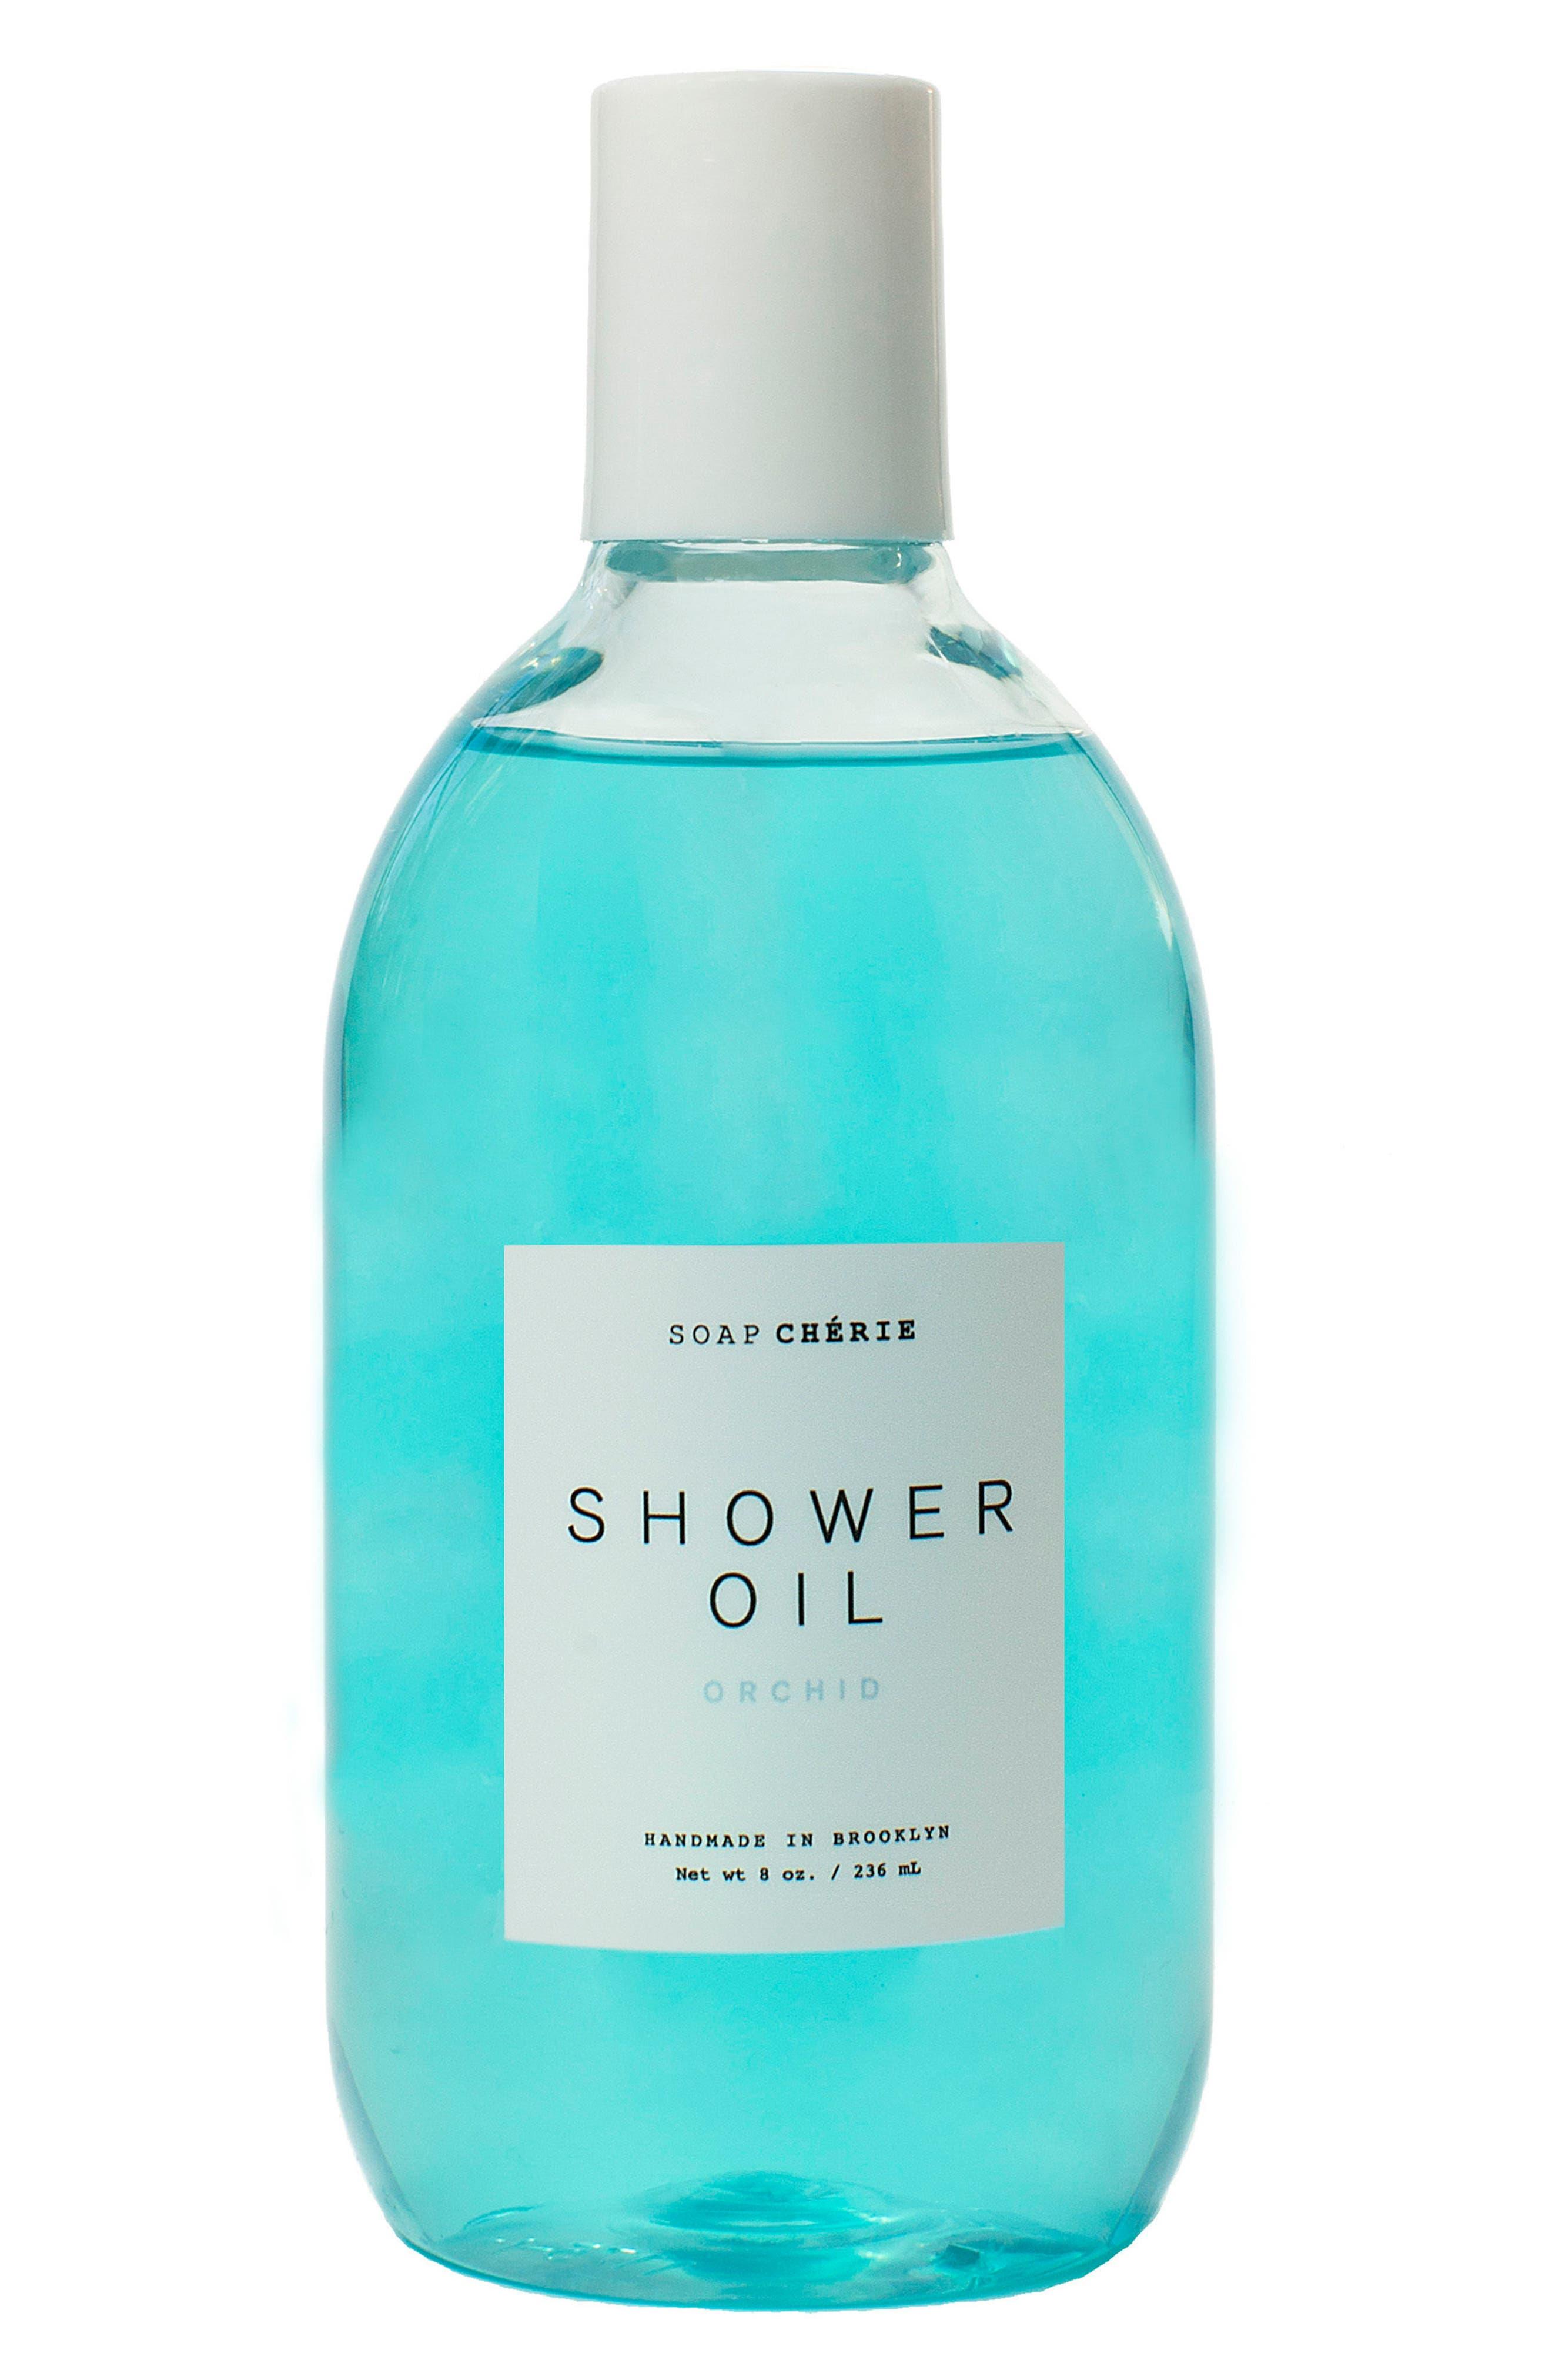 Main Image - Soap Chérie Luxurious Shower Oil